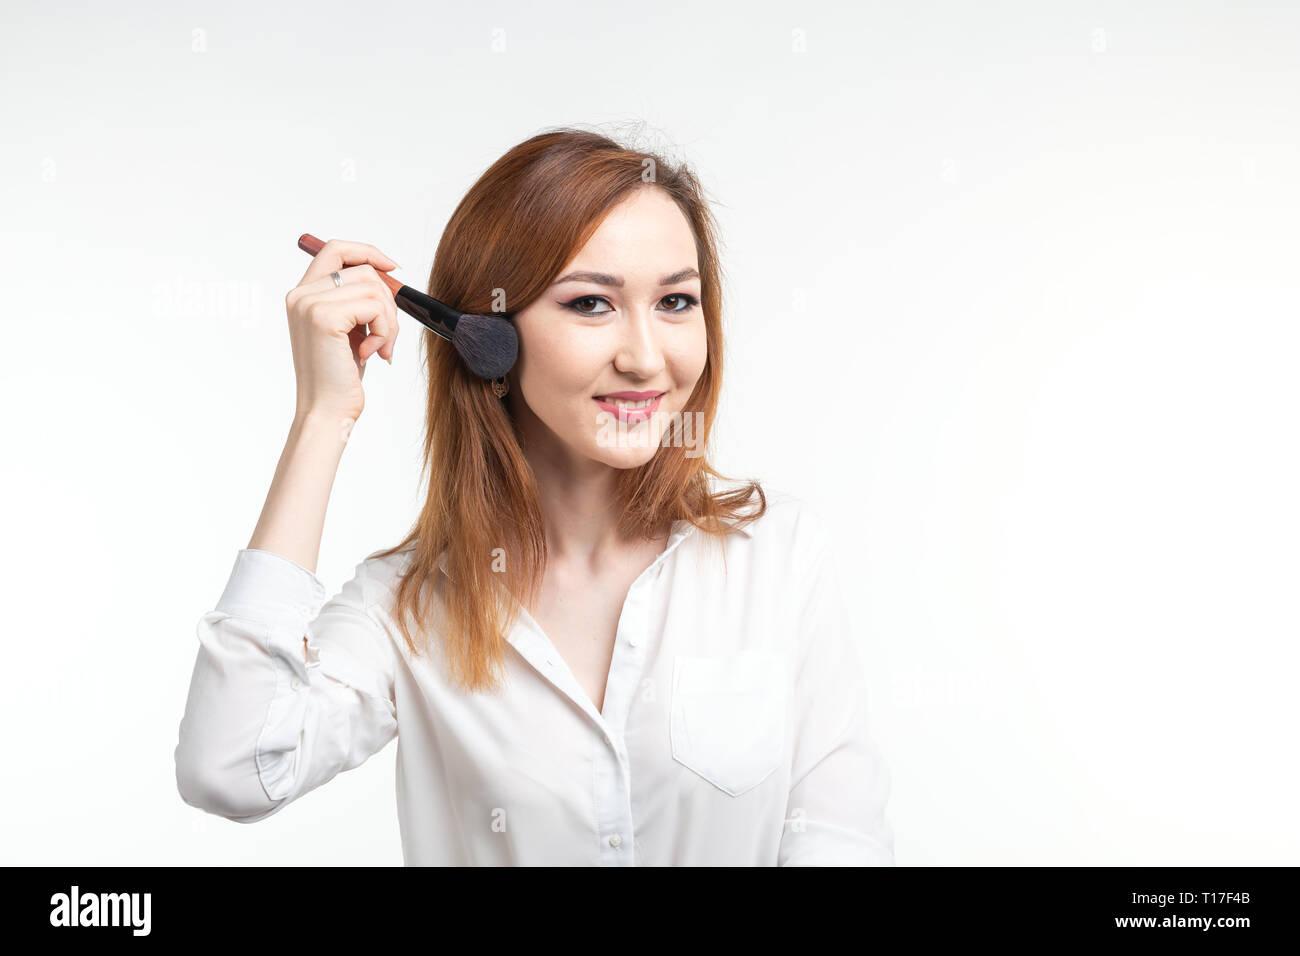 Makeup or makeup artist